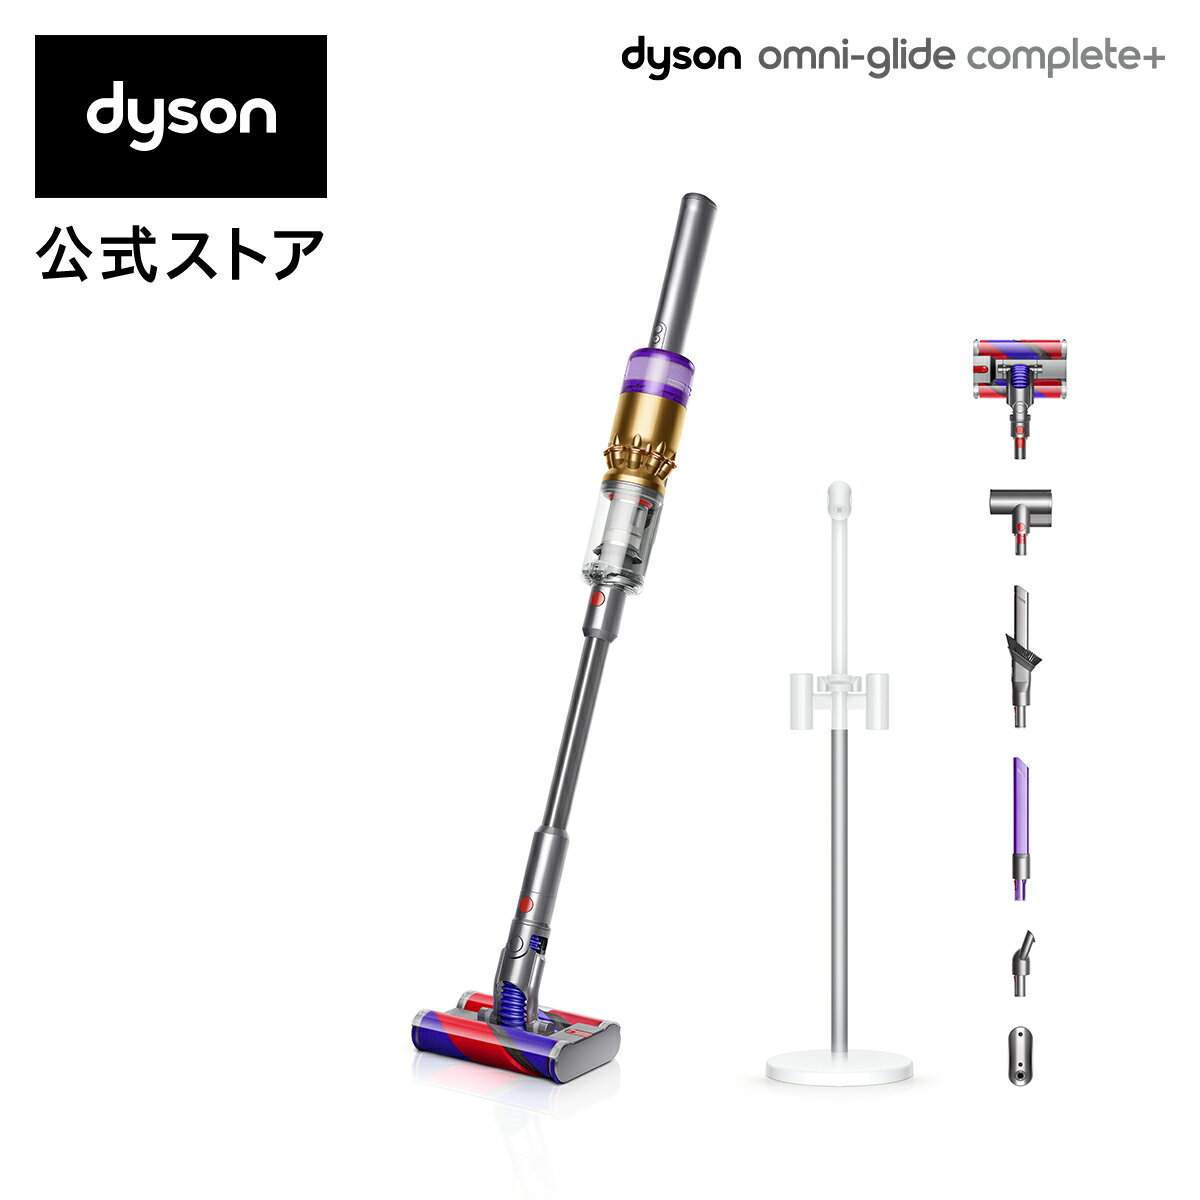 画像: ダイソンの新型掃除機「オムニグライド」レビュー!全方向駆動コードレスクリーナーで横にも動ける